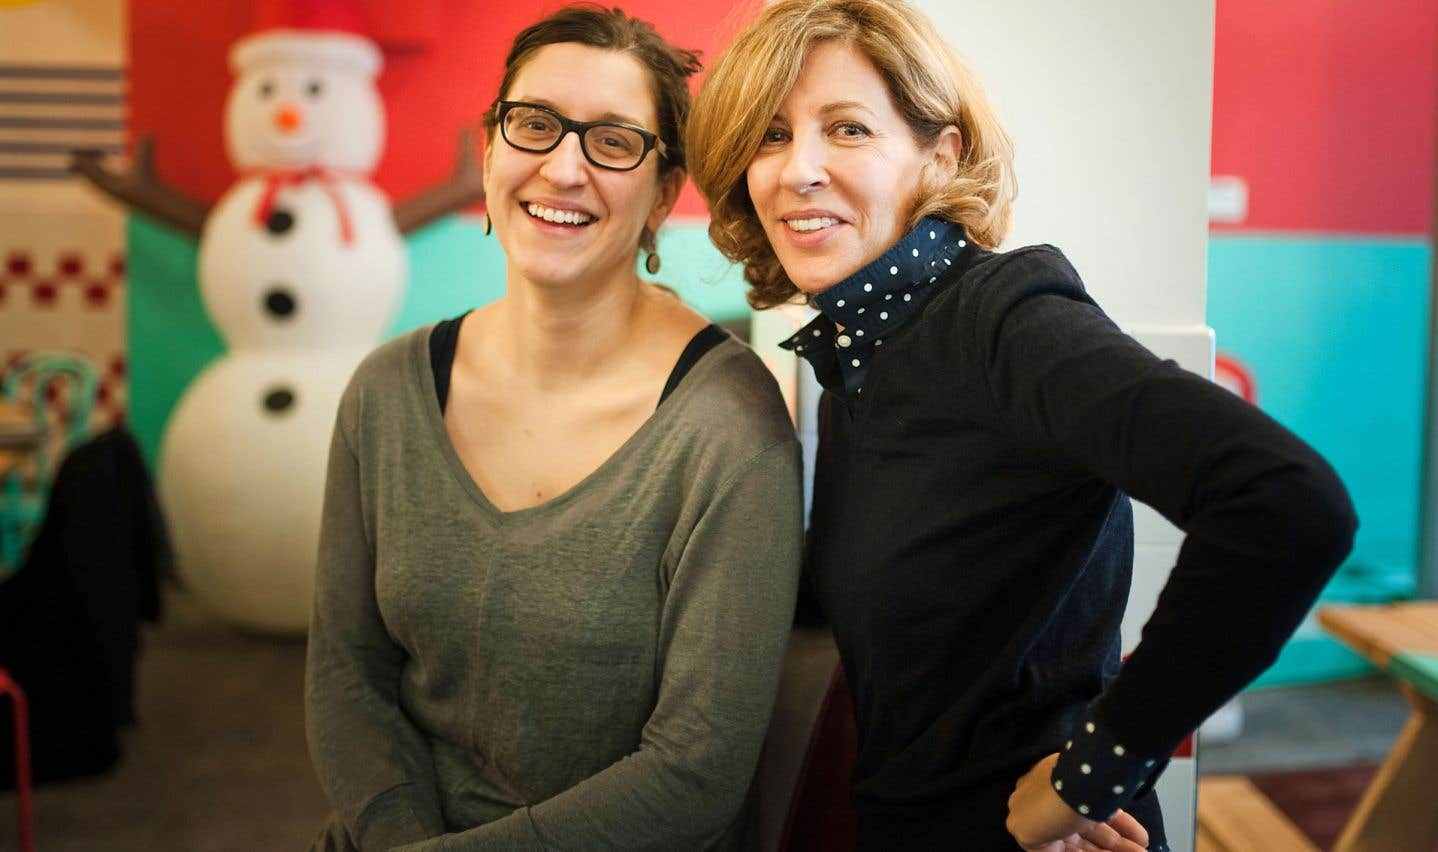 La dramaturge Catherine Léger et la réalisatrice Sophie Lorain unissent leurs forces pour réinventer le film d'ados.